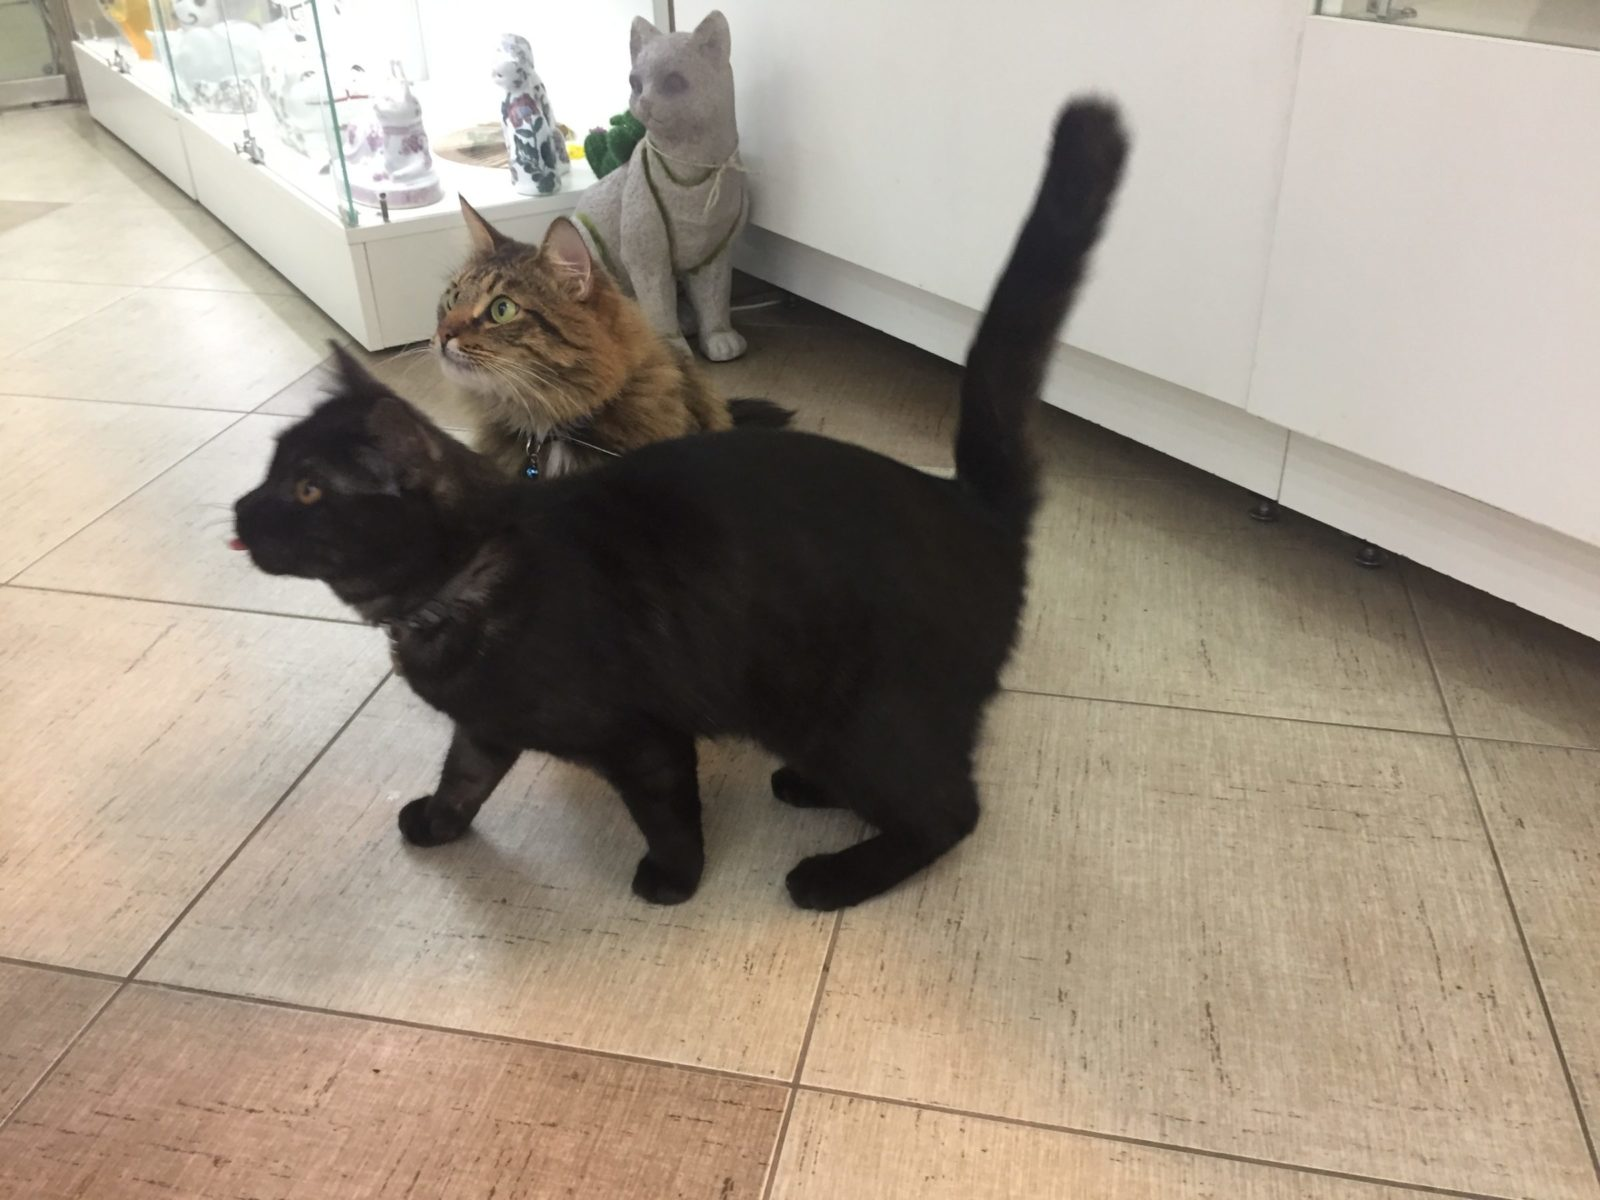 Черный кот Негро и серый кот Яша встречают посетителей галереи. Фото: Ирина КОМИК